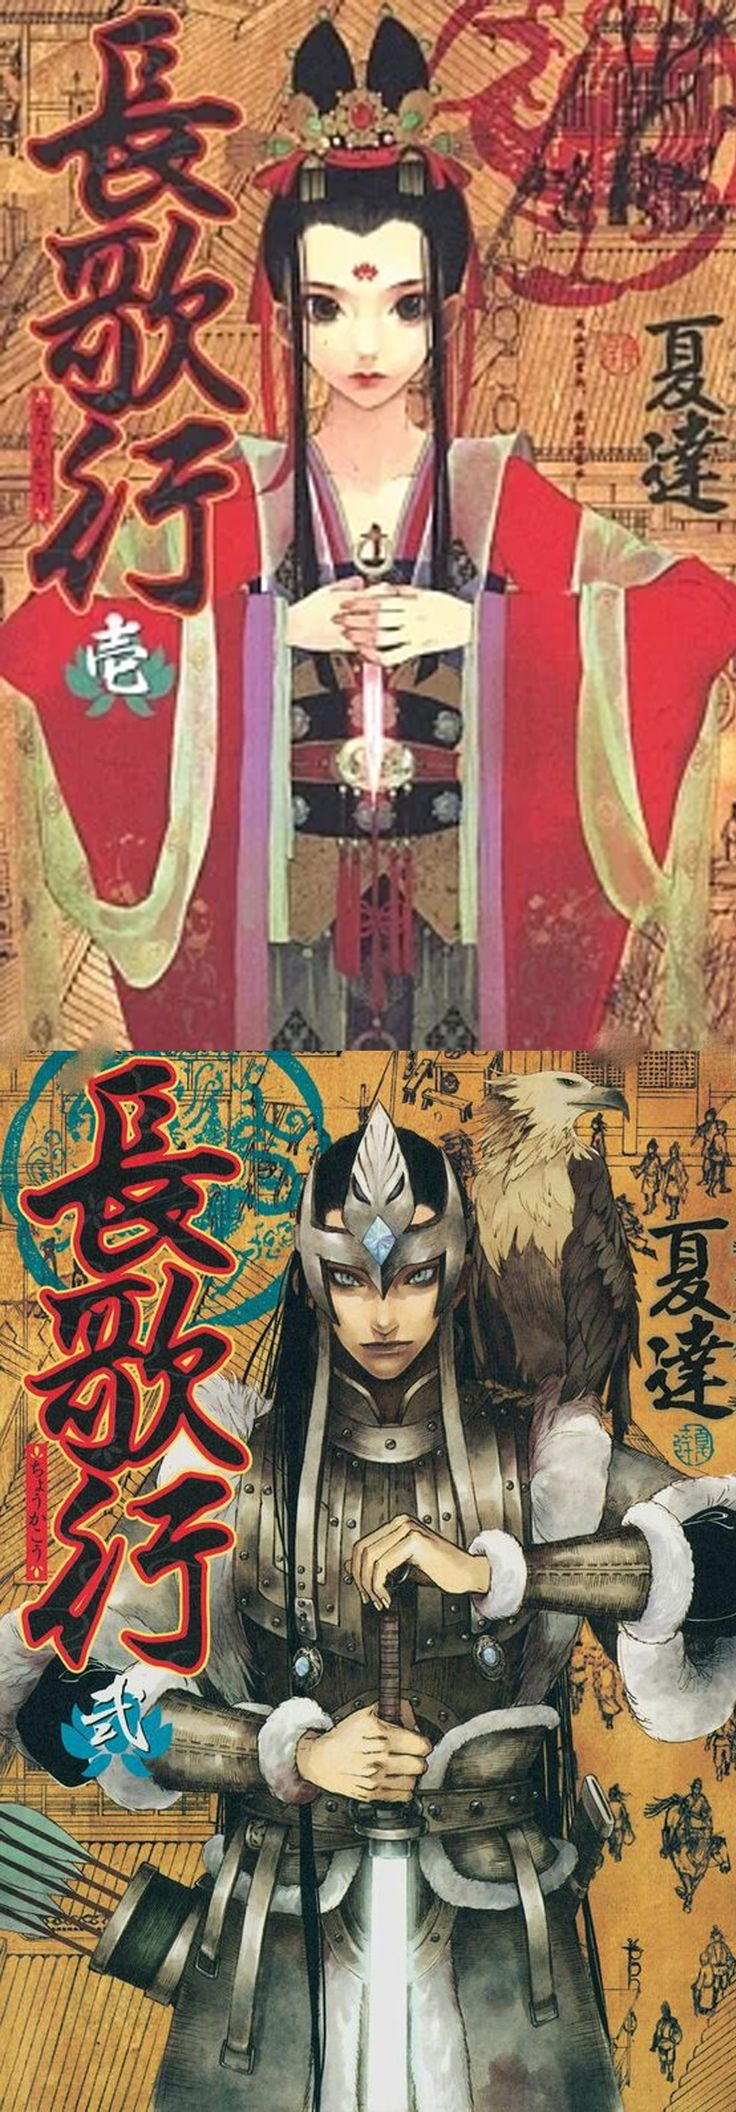 Song of the Long March Chang Ge Xing Choukakou Art